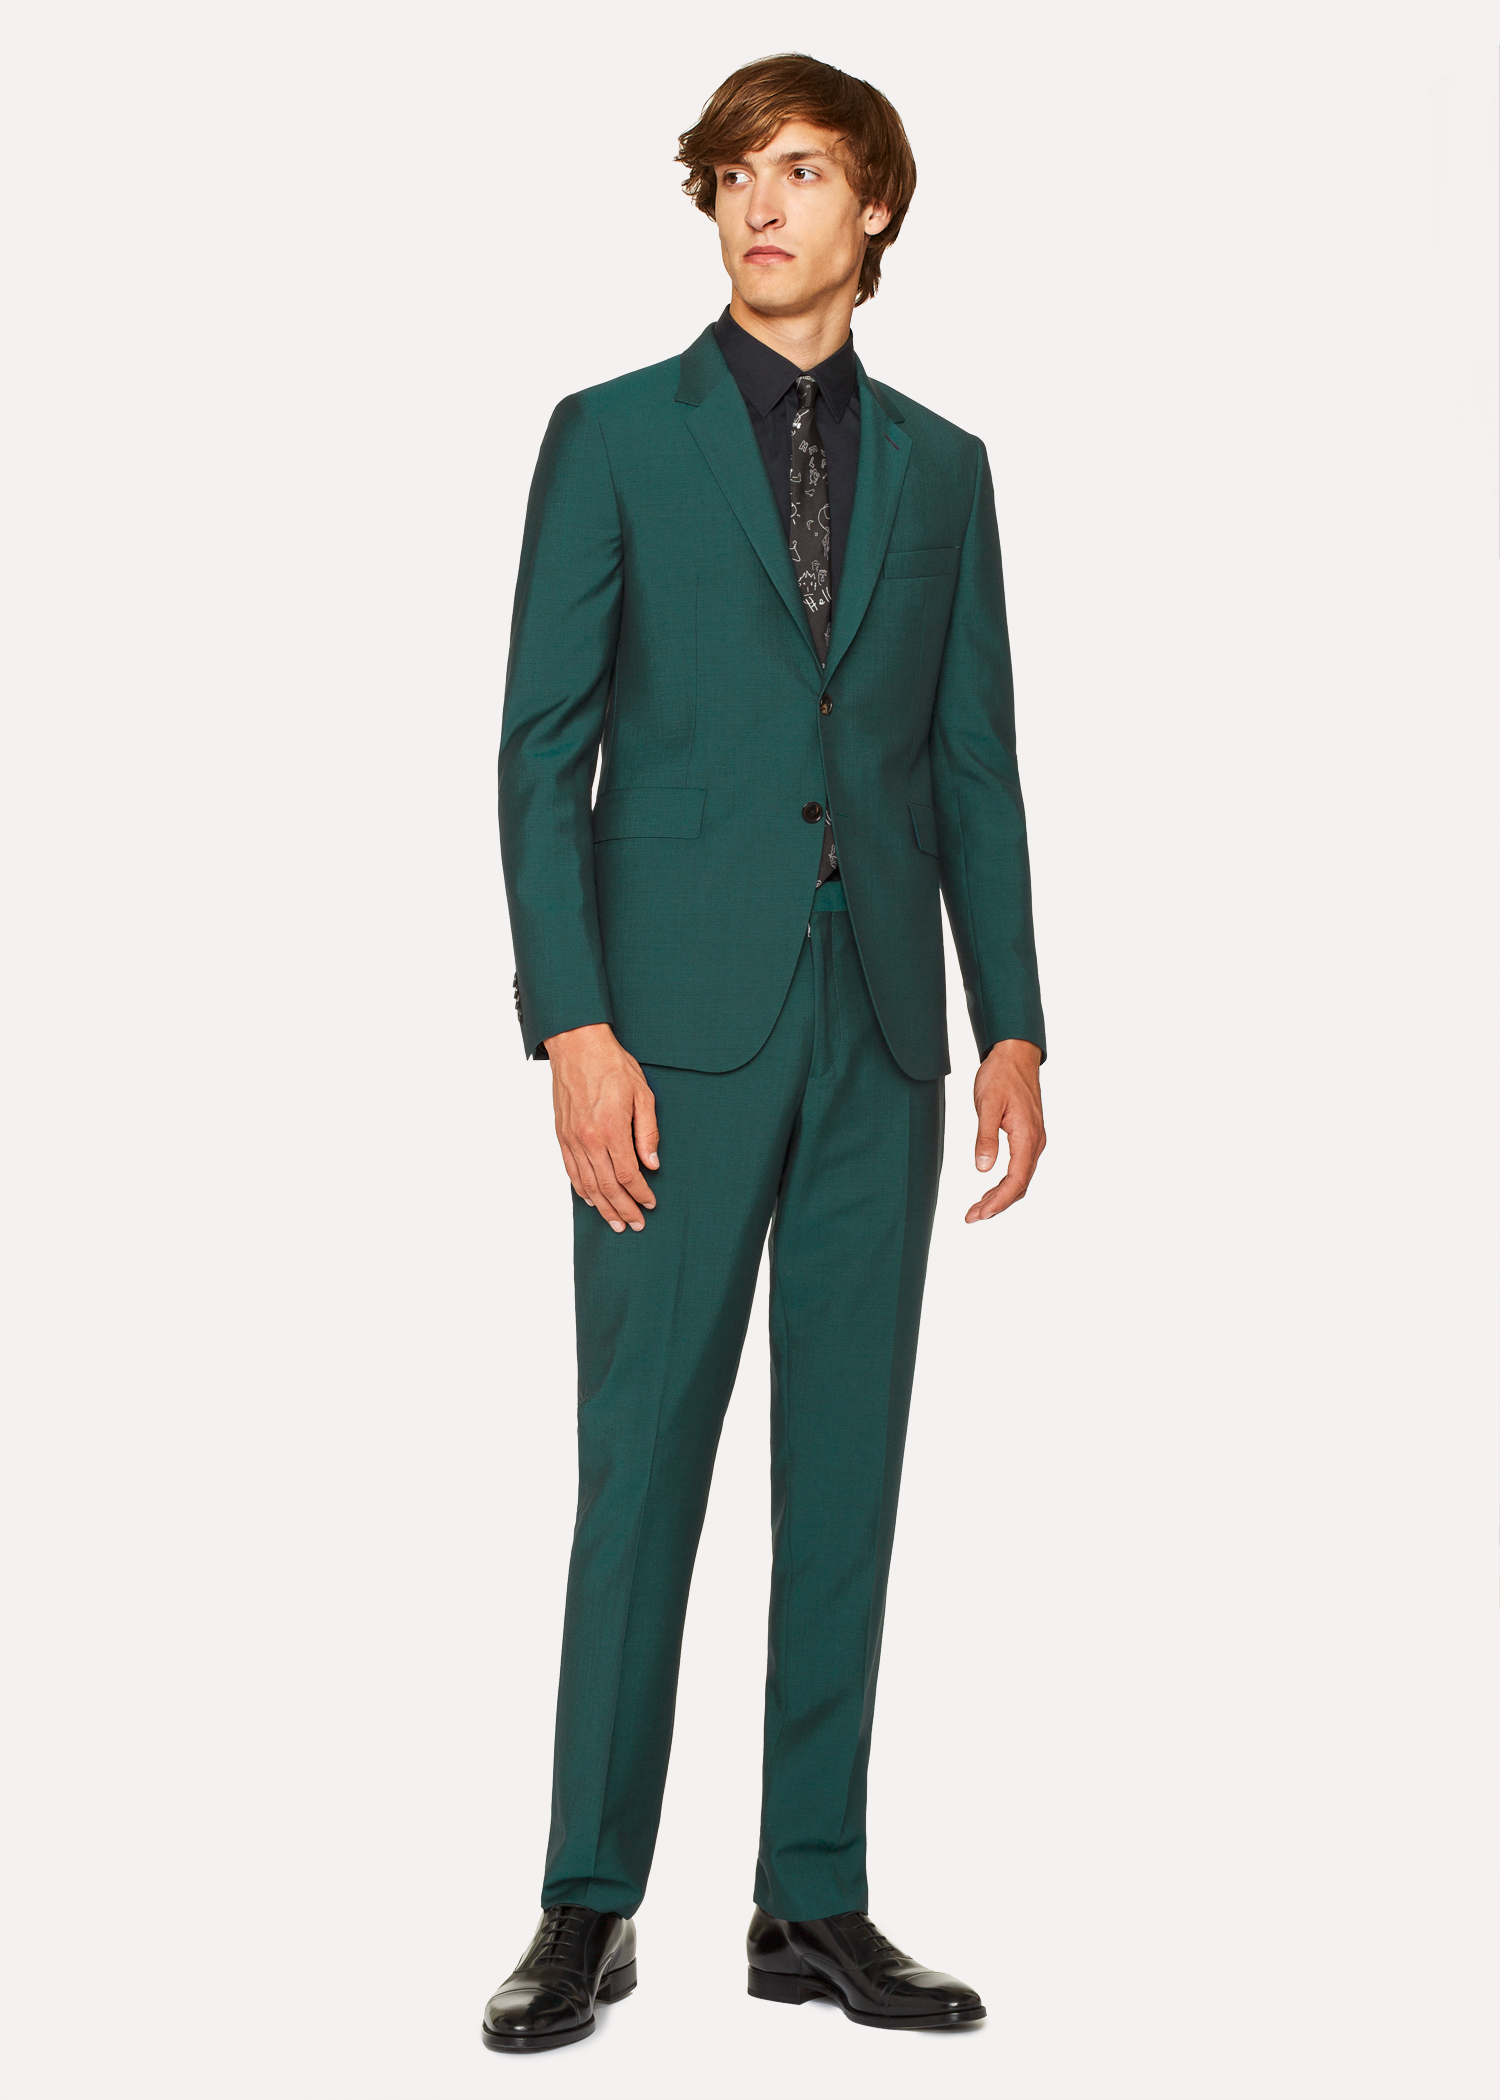 Amante Costume Homme Vert Foncé En Laine Et Mohair Coupe Slim - Paul &QQ_22